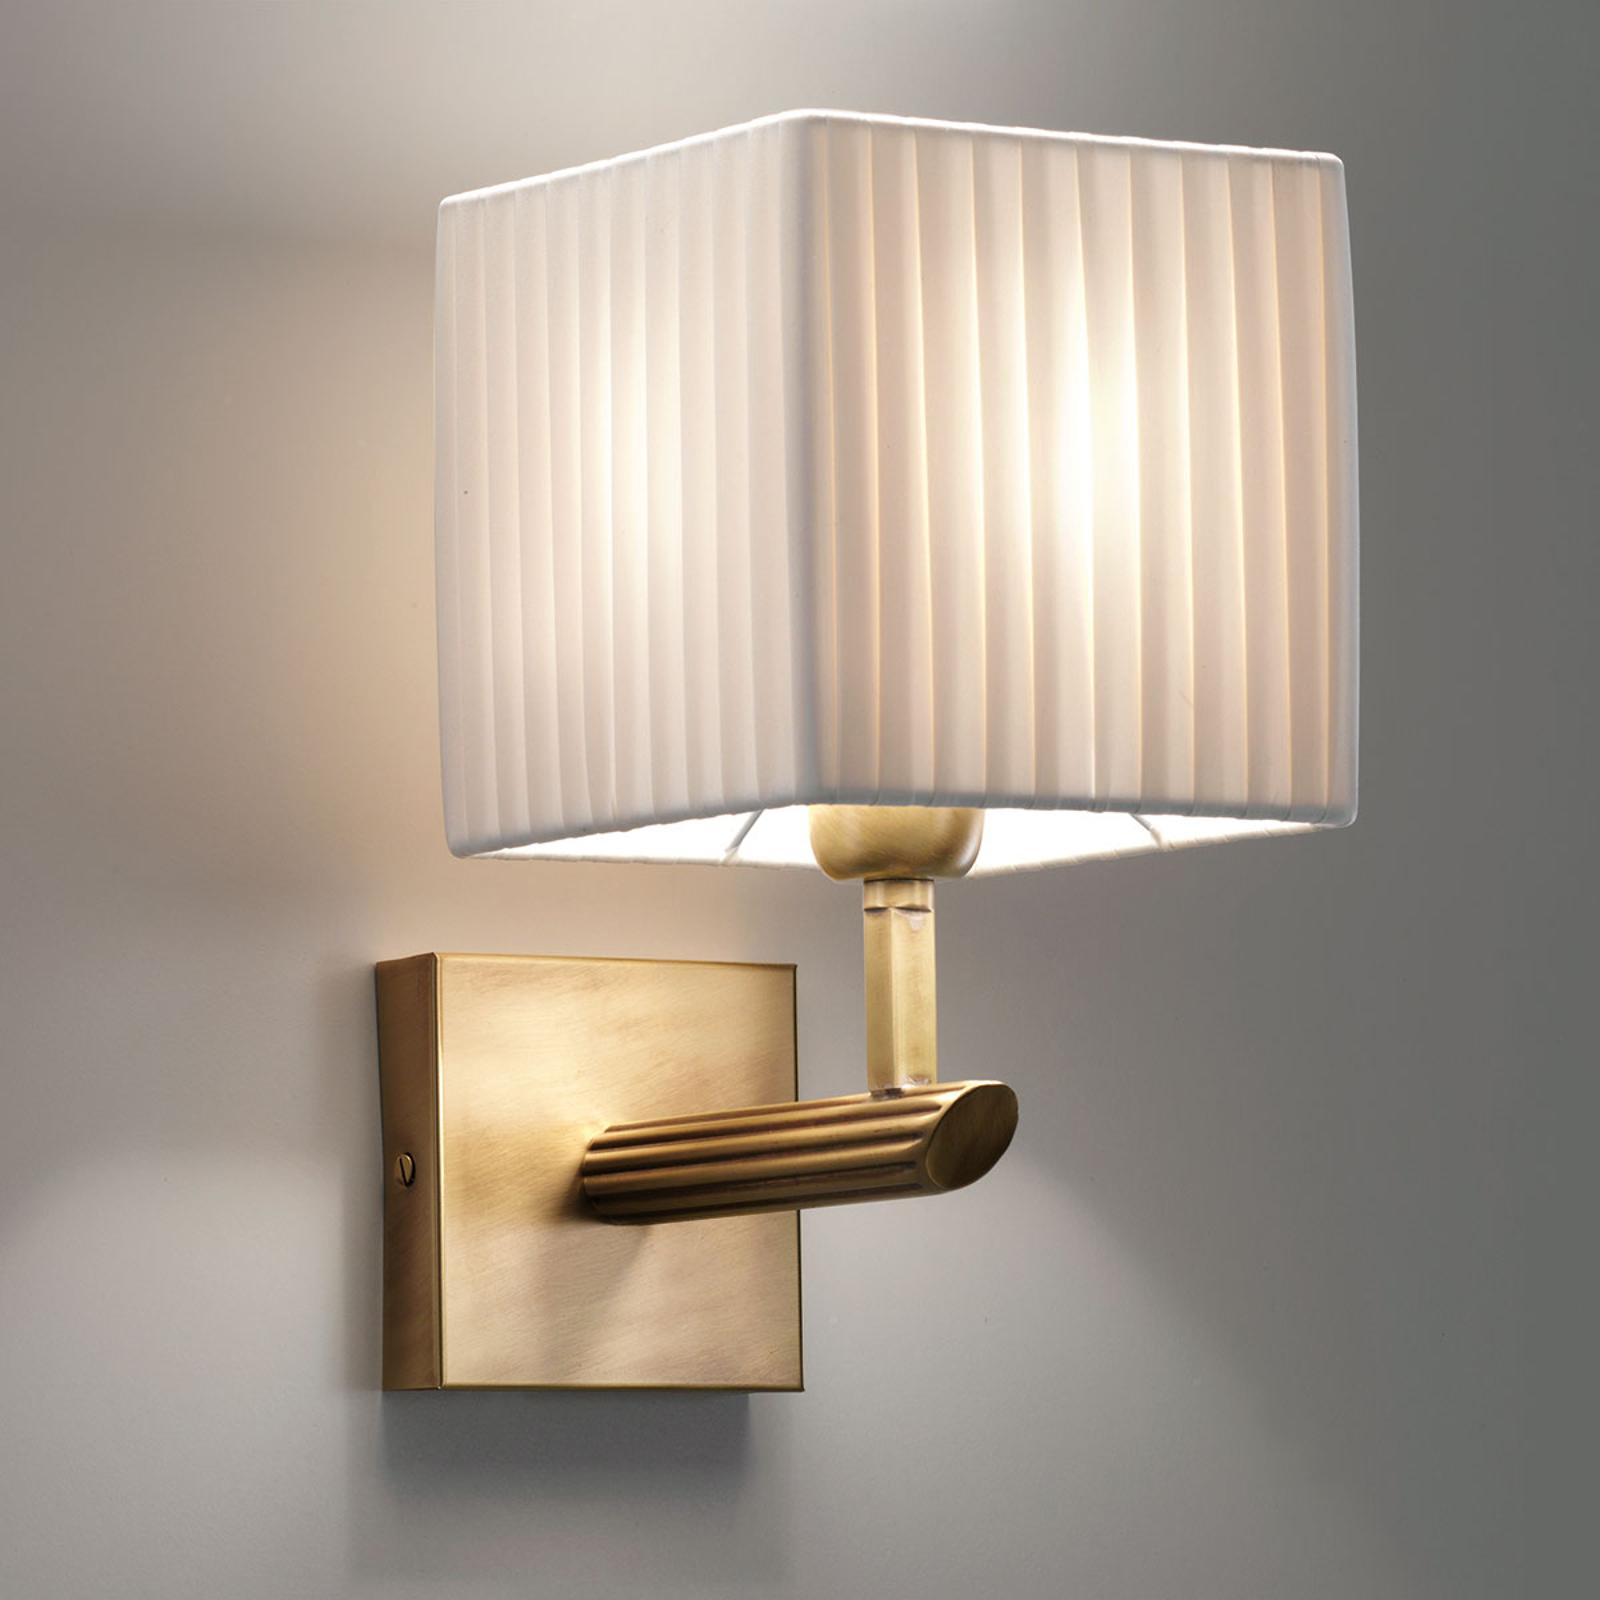 Warm licht door wandlamp Imperial